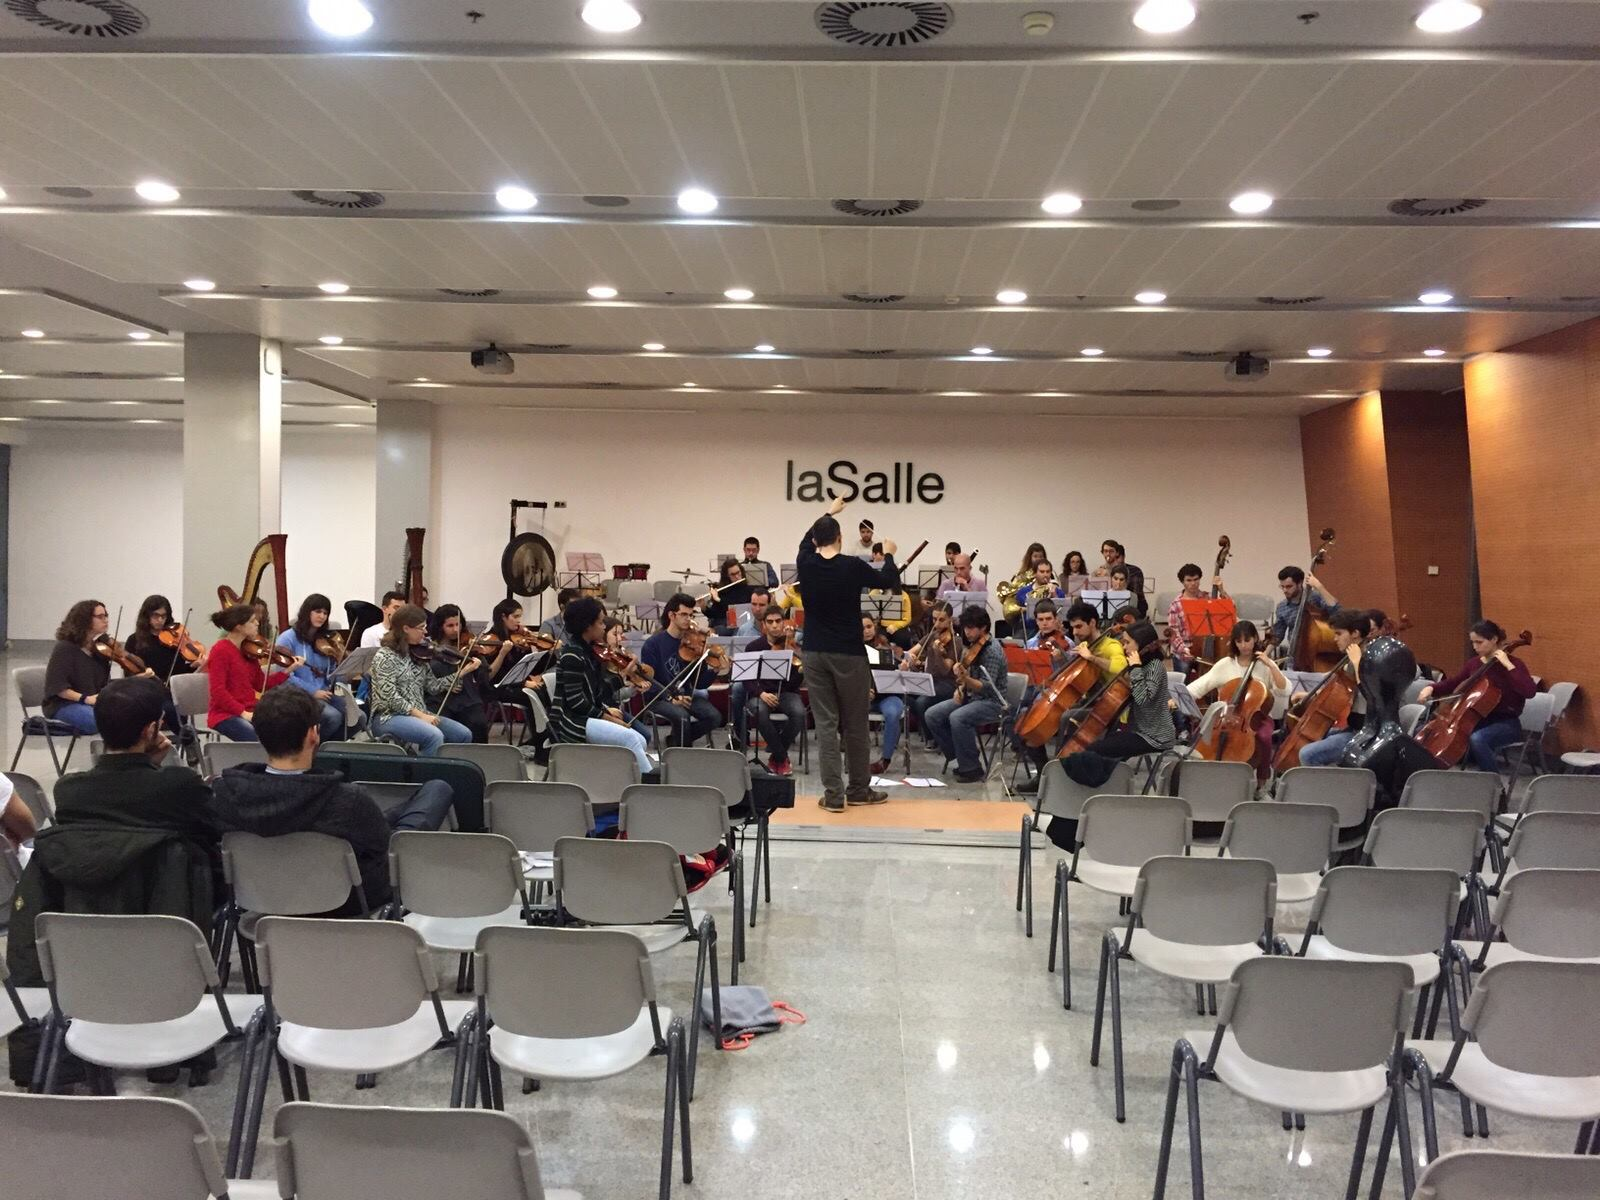 Concert a la Salle 23/12/2015